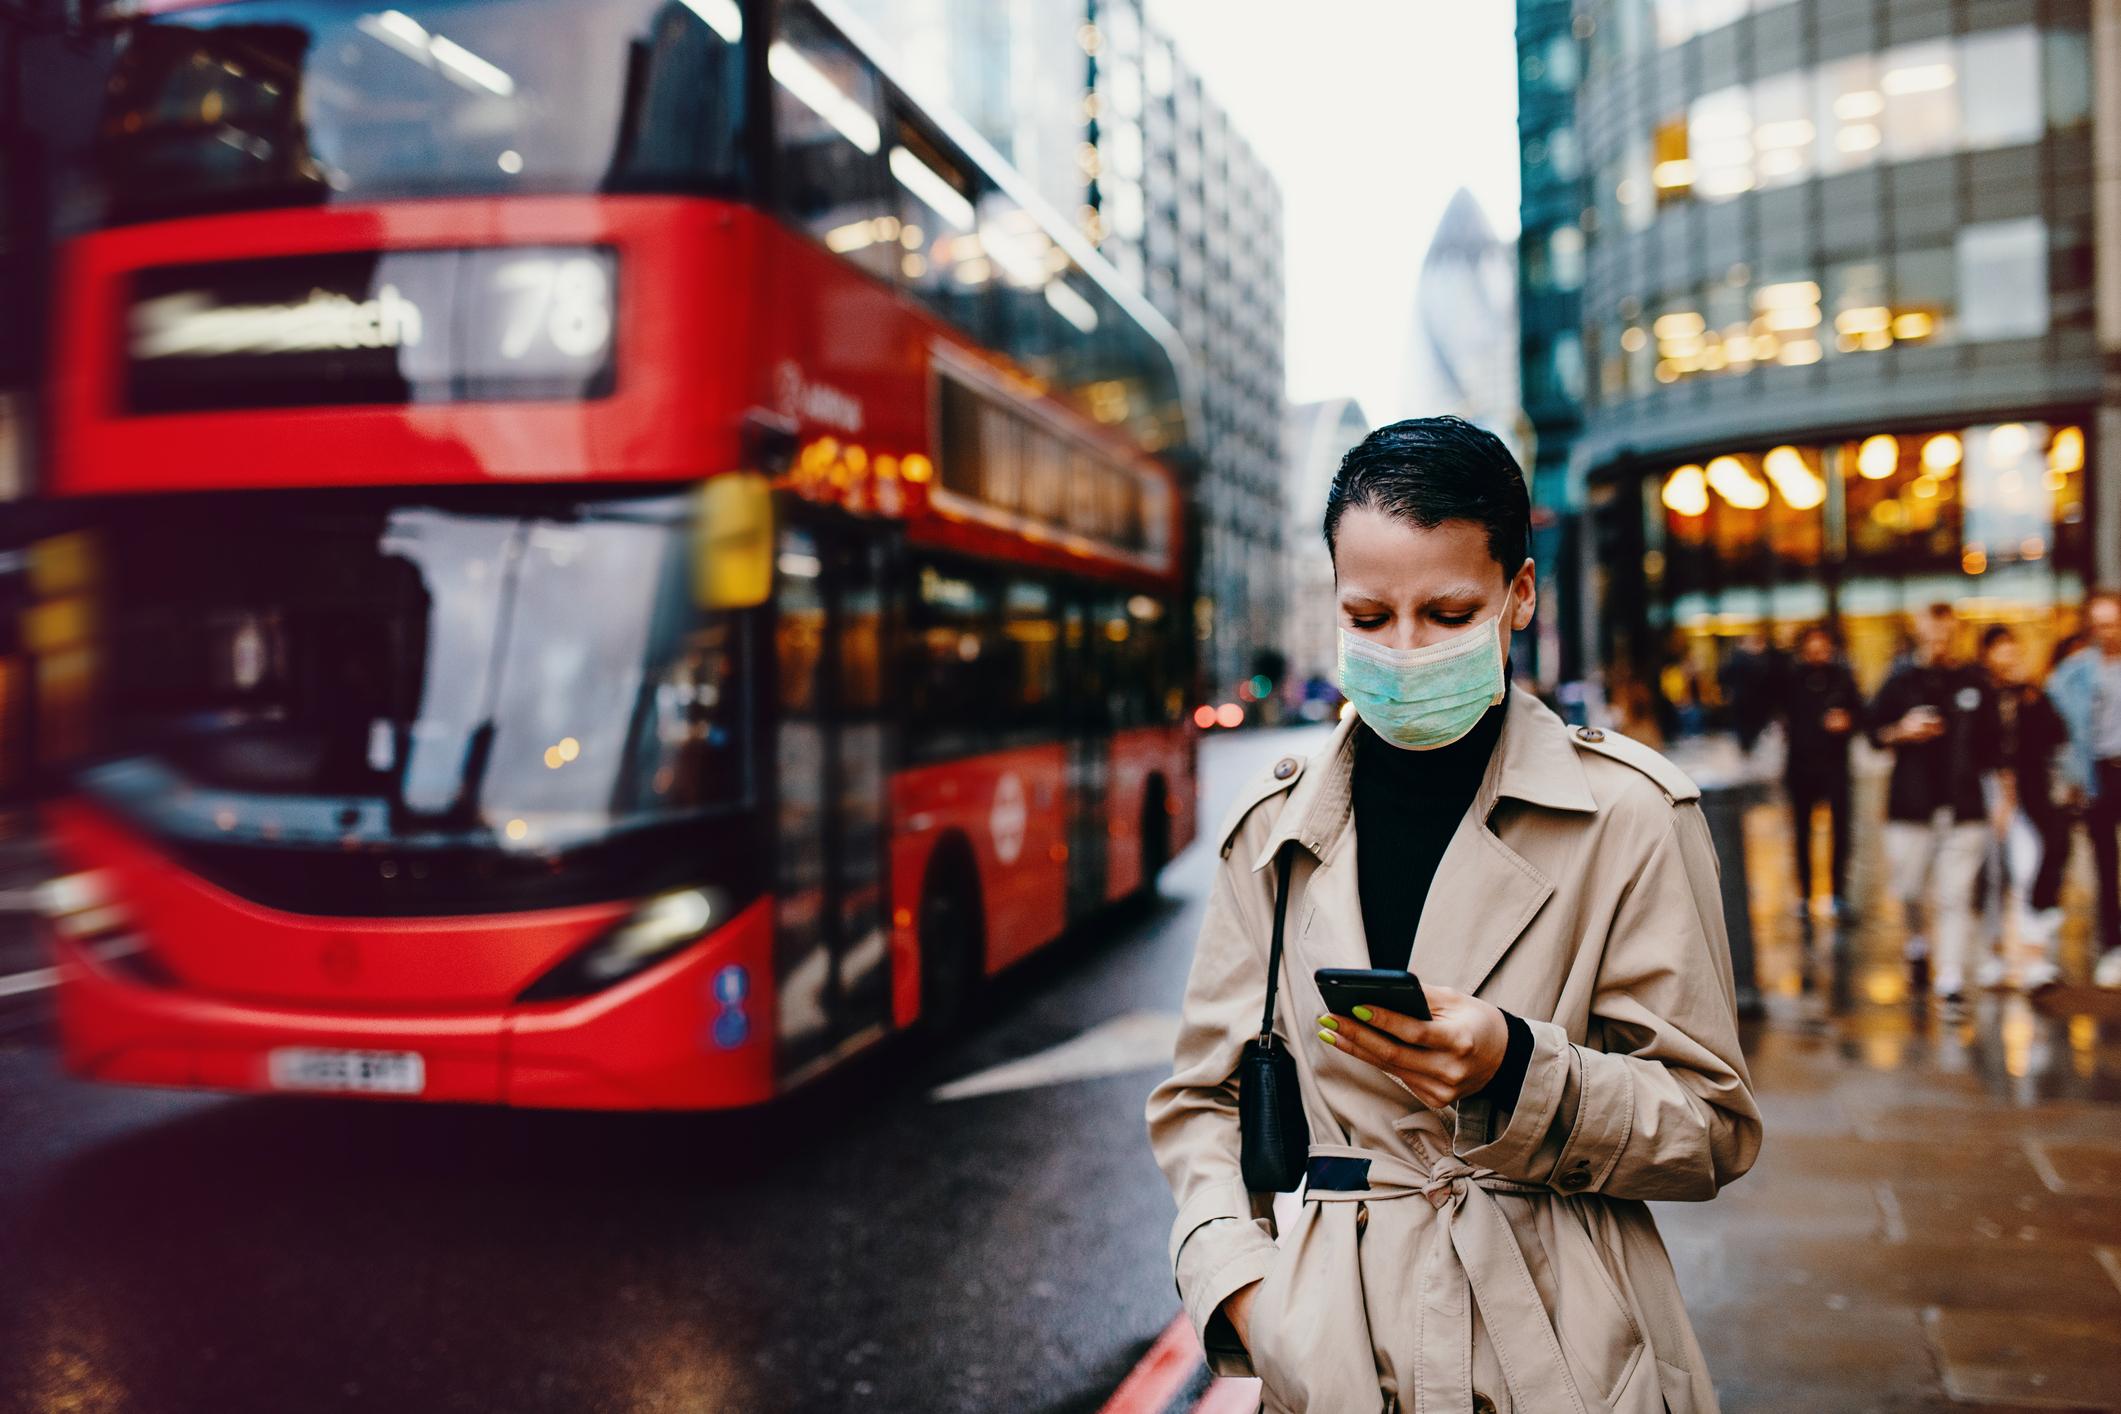 Vooral Engeland is economisch hard getroffen door het coronavirus